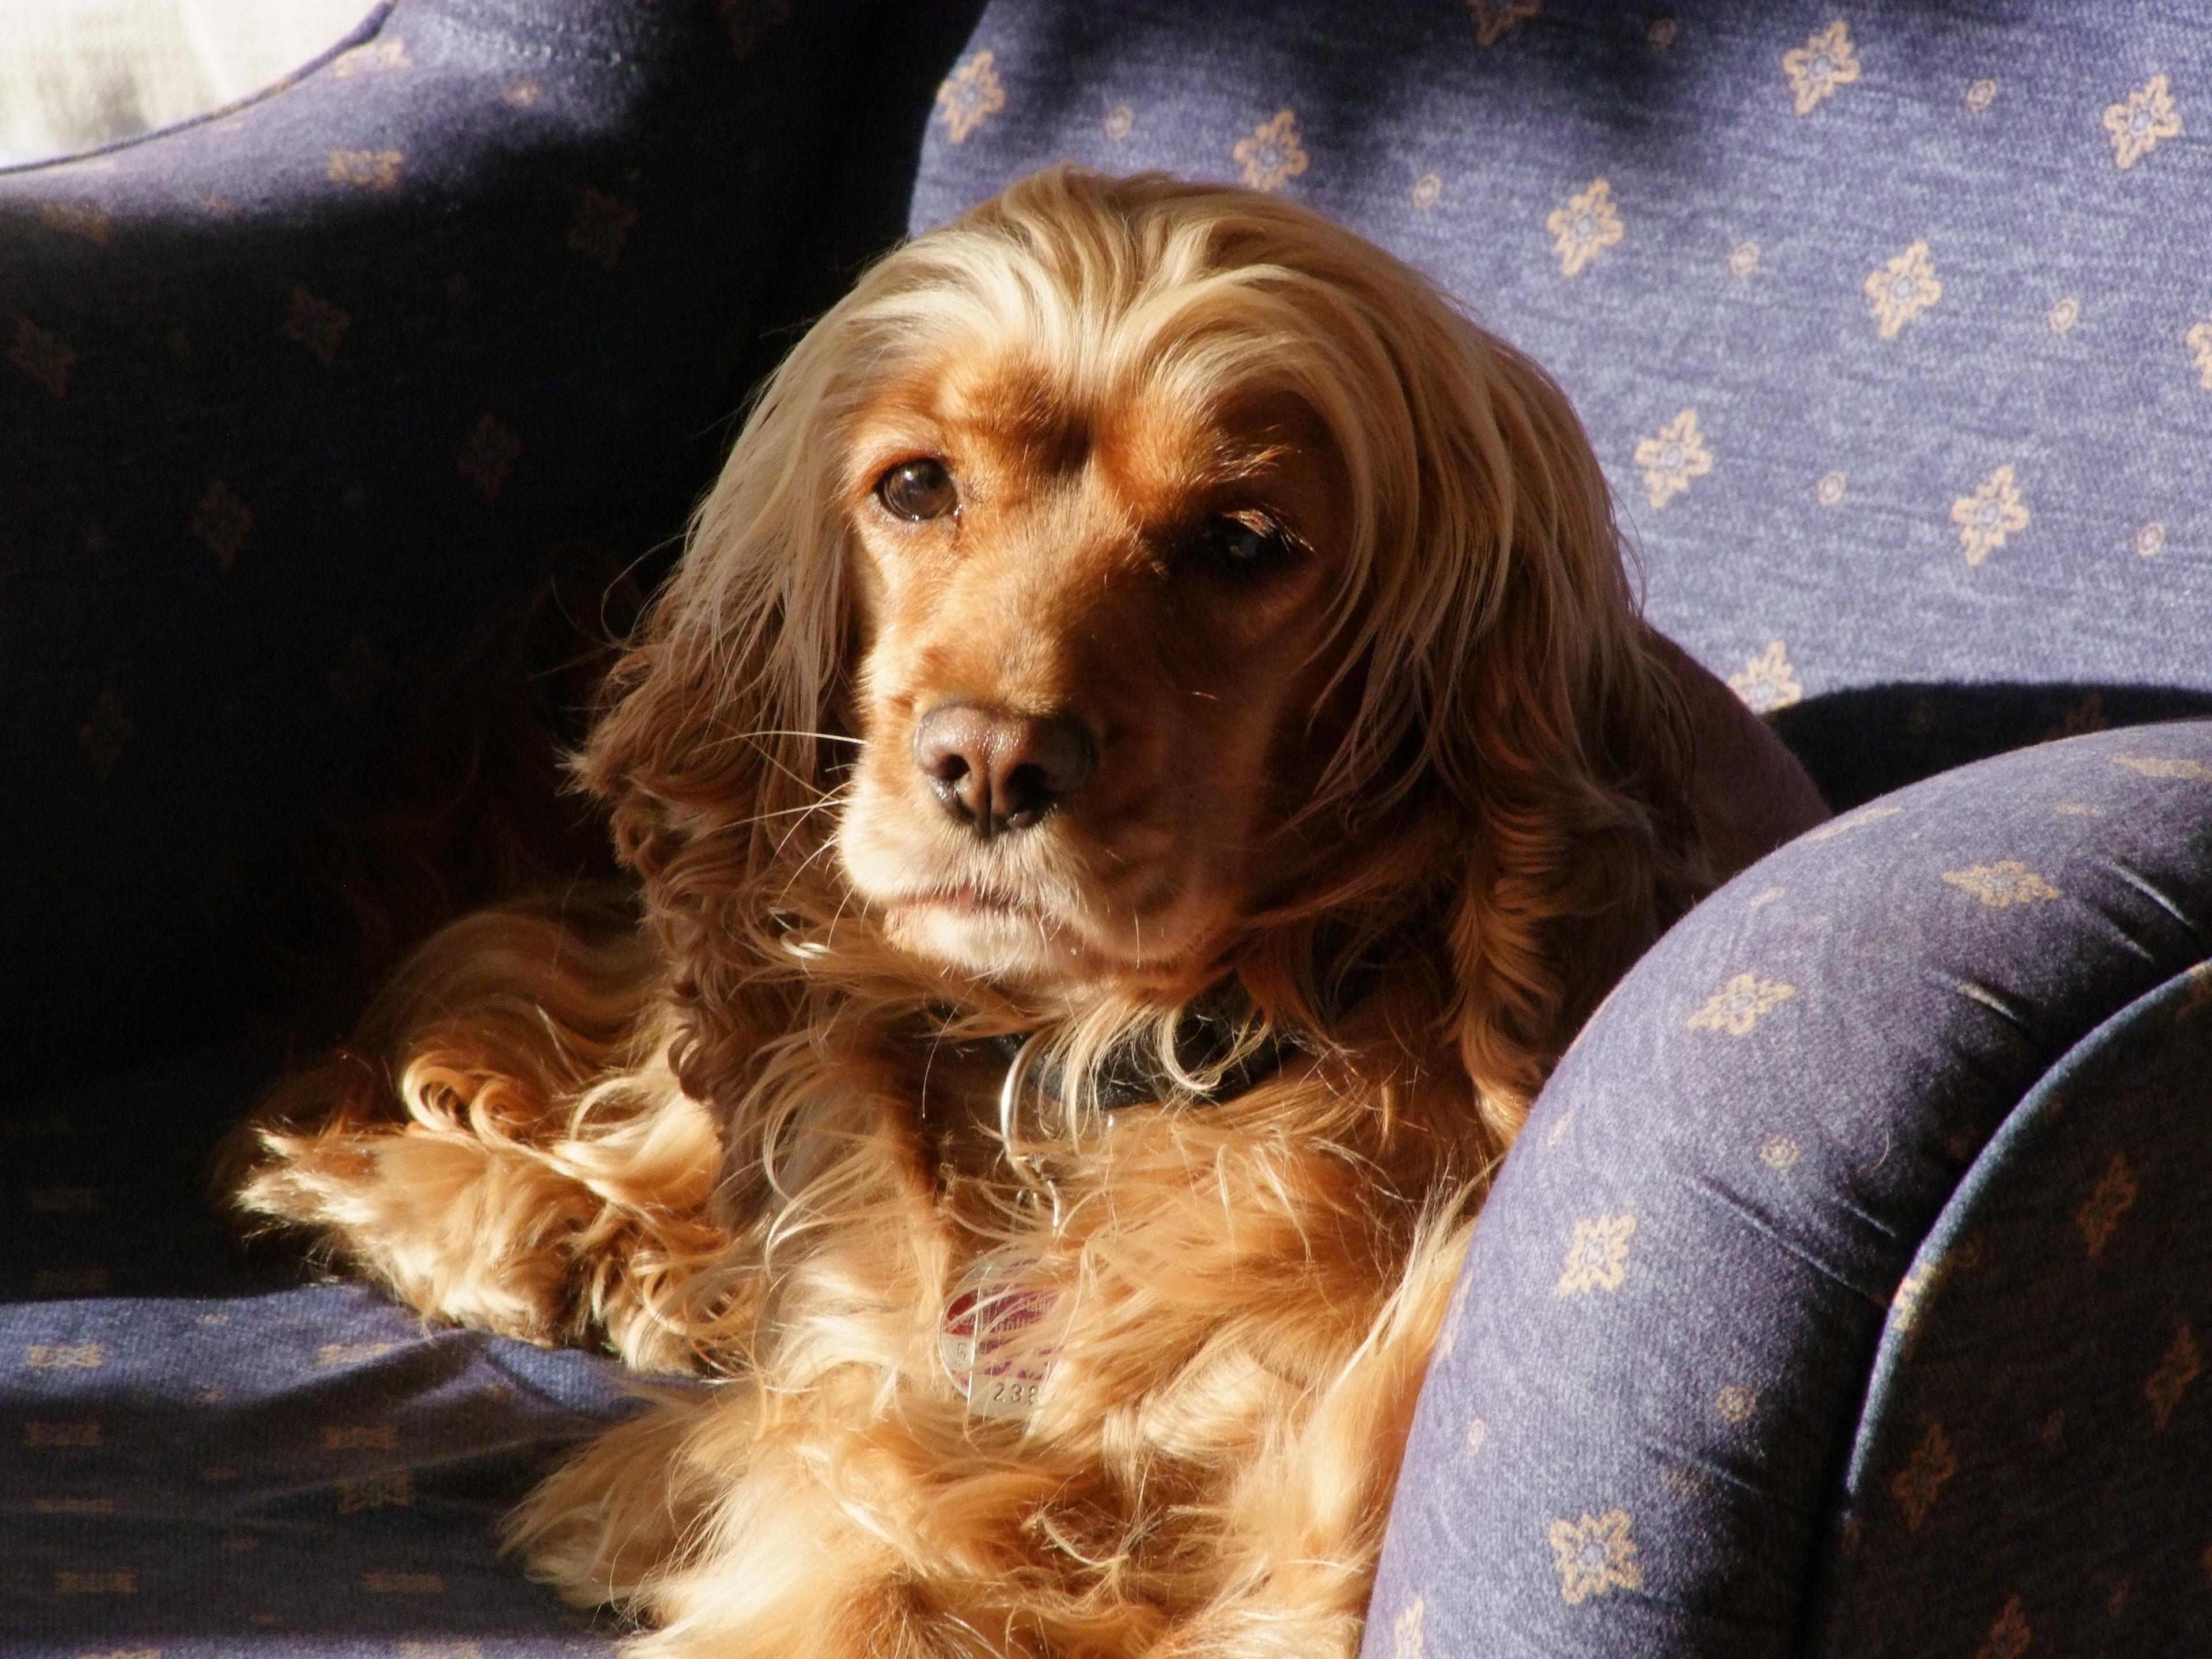 собака в кресле картинка необходимые продукты